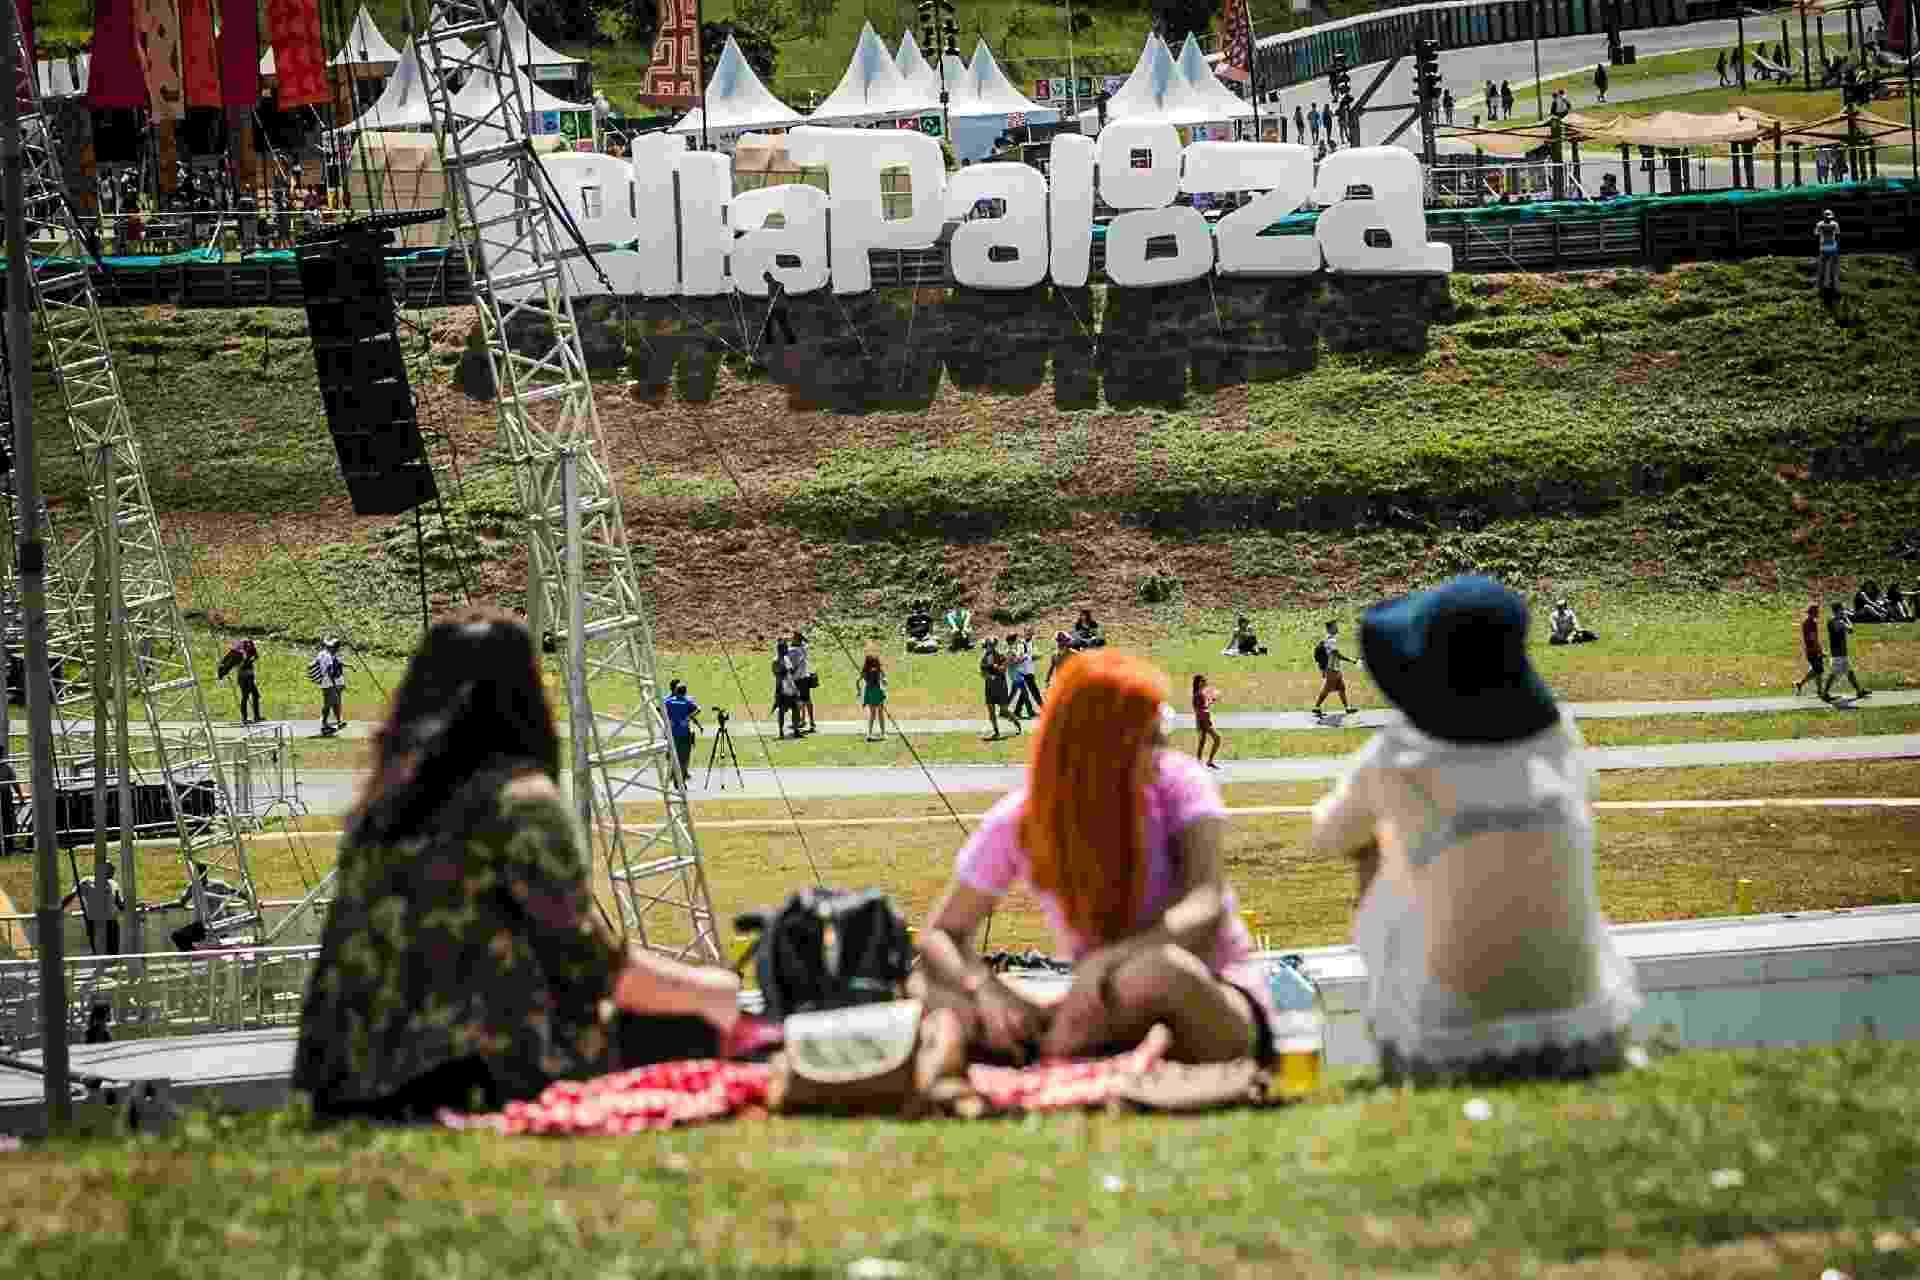 O segundo dia do Lollapalooza começou com sol quente e um público tímido - Bruno Santos/UOL